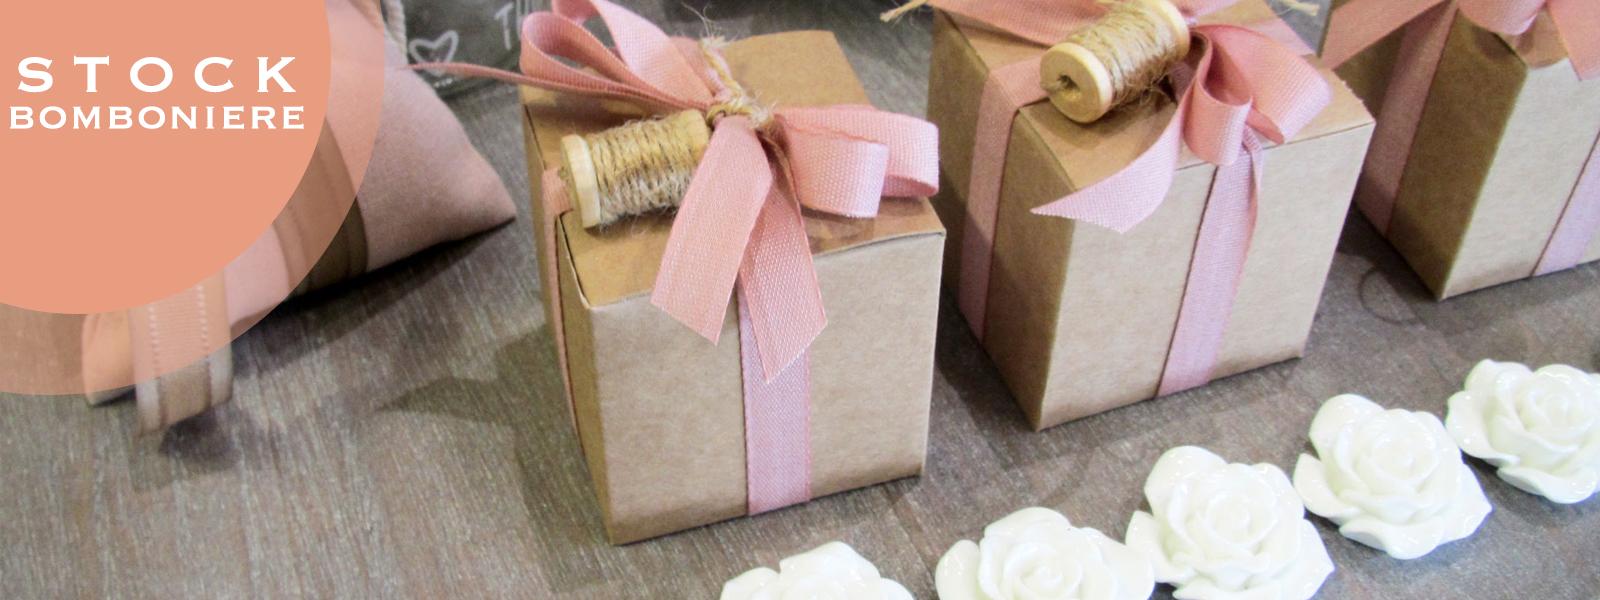 Bomboniere Matrimonio On Line Low Cost.Bomboniere Confetti E Articoli Da Regalo Online Millemotivi Com